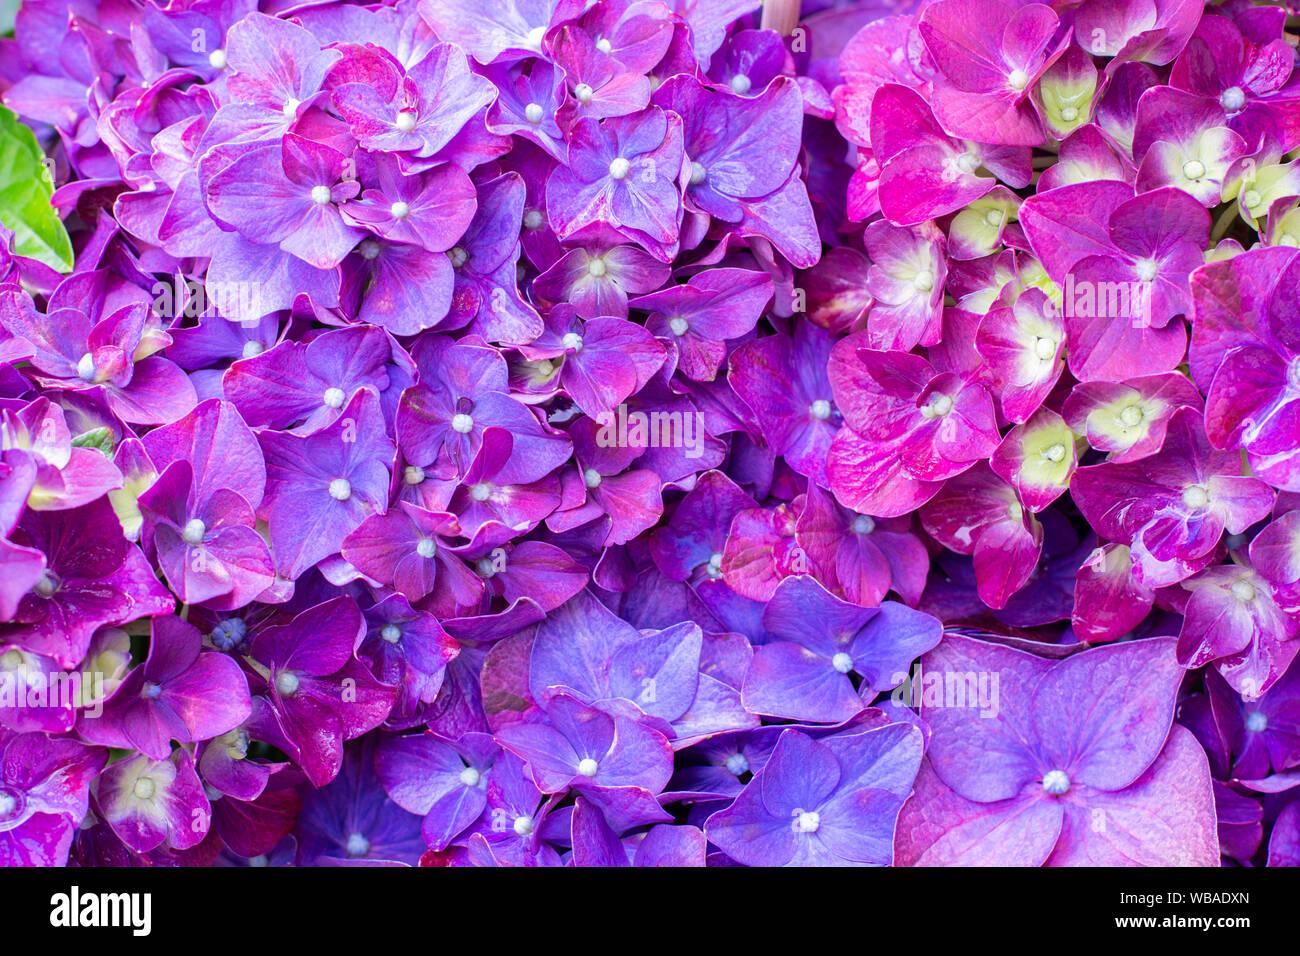 Ornamental Plant Hydrangea Macrophylla Bright Lilac Purple